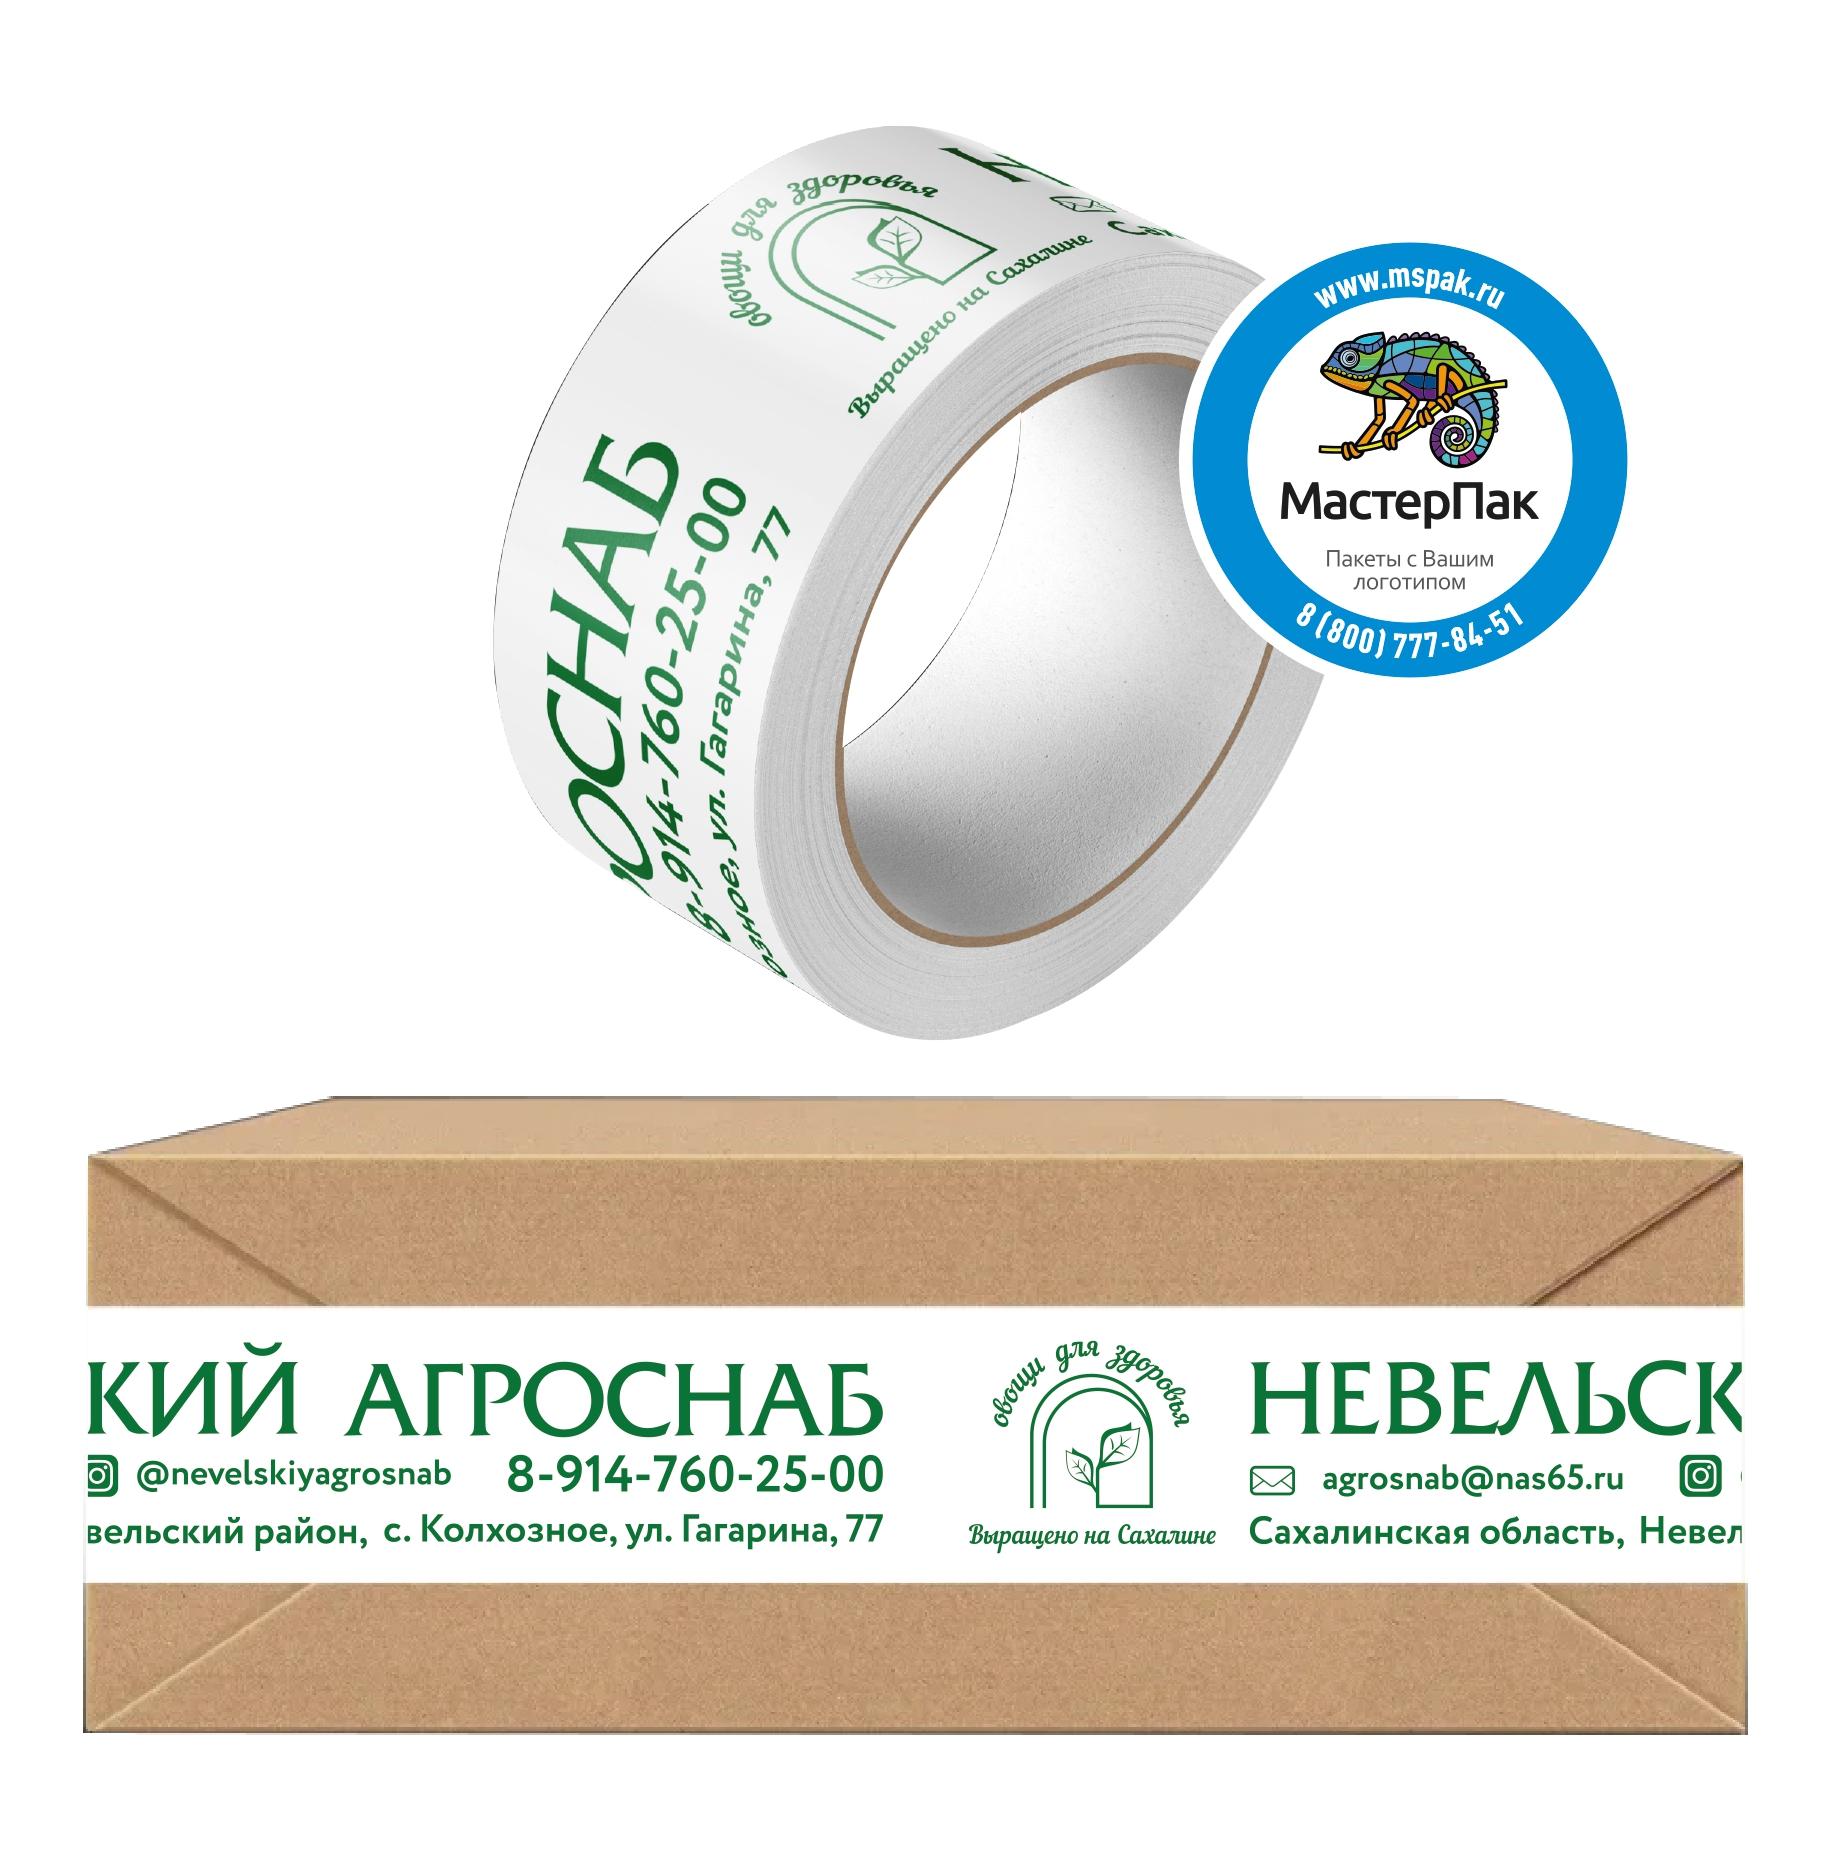 Скотч с логотипомНевельский Агроснаб, 50 метров, 45 мкм, Южно-Сахалинск